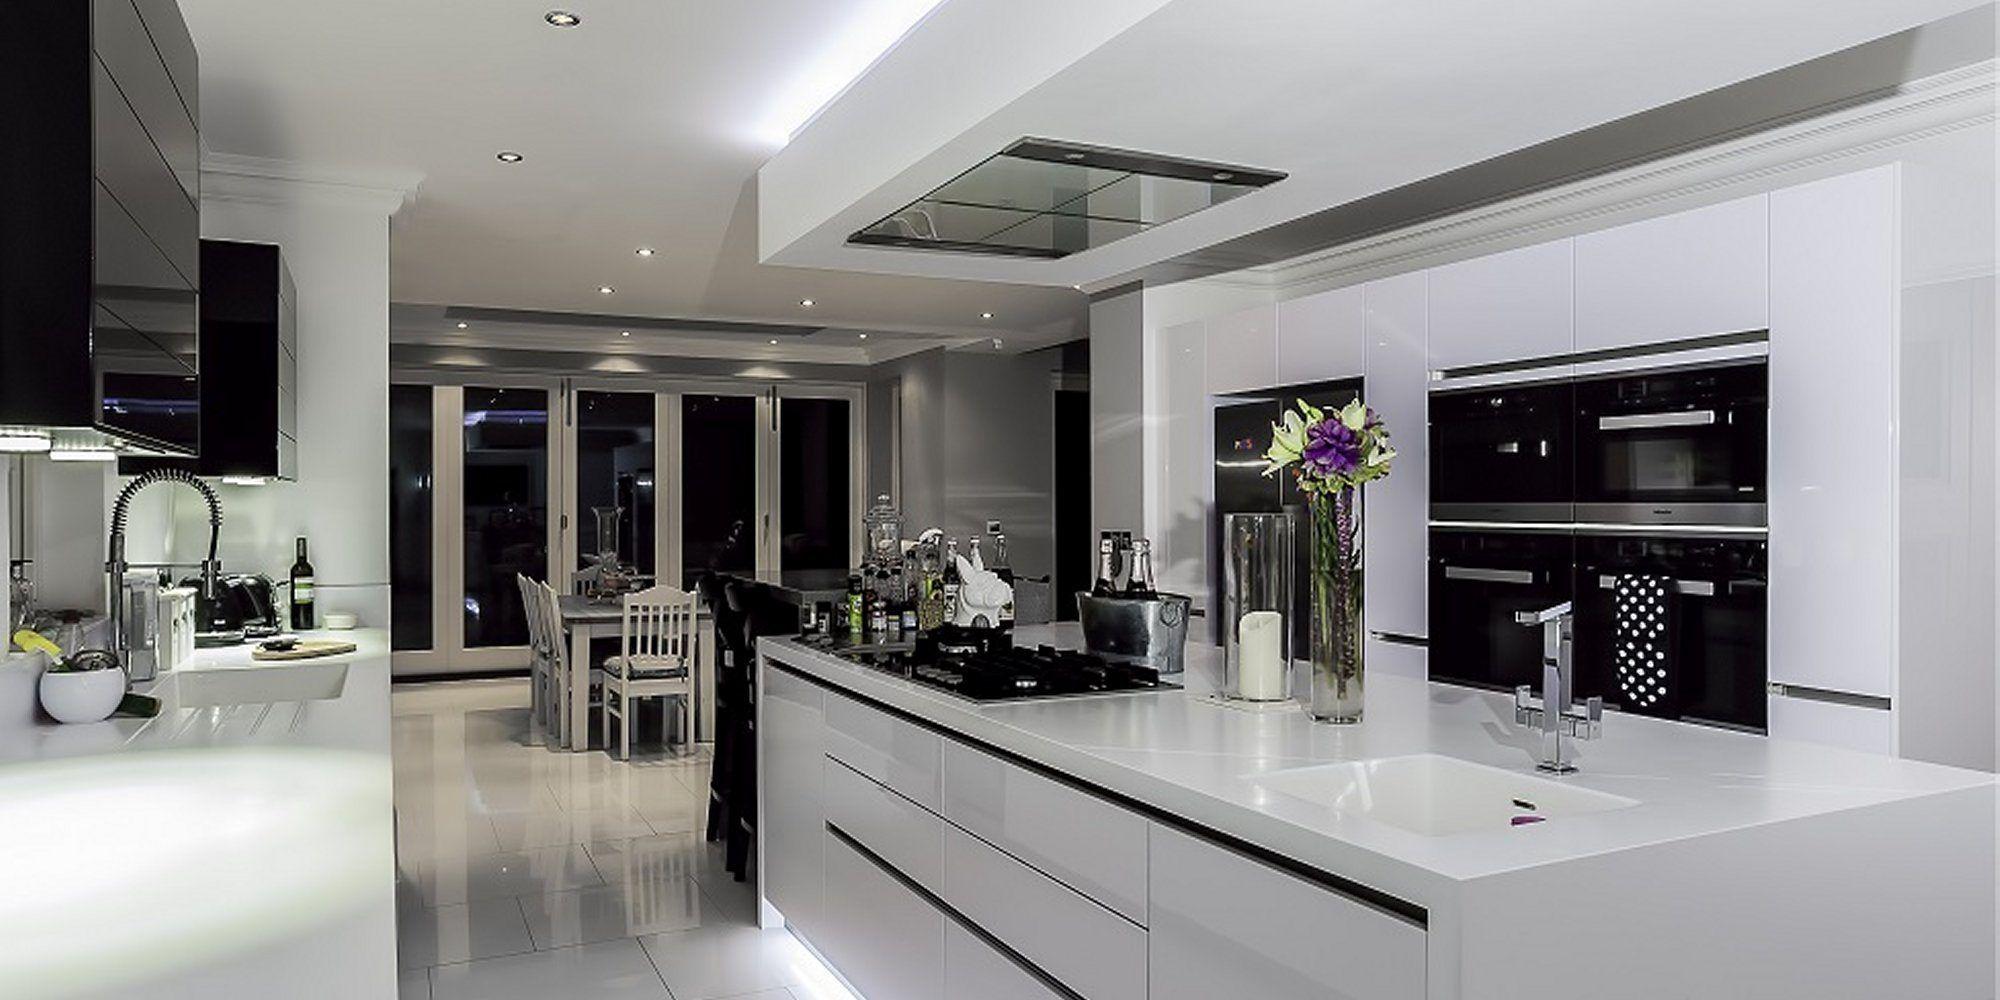 Handleless Design Gallery Hutton Kitchens Kitchen